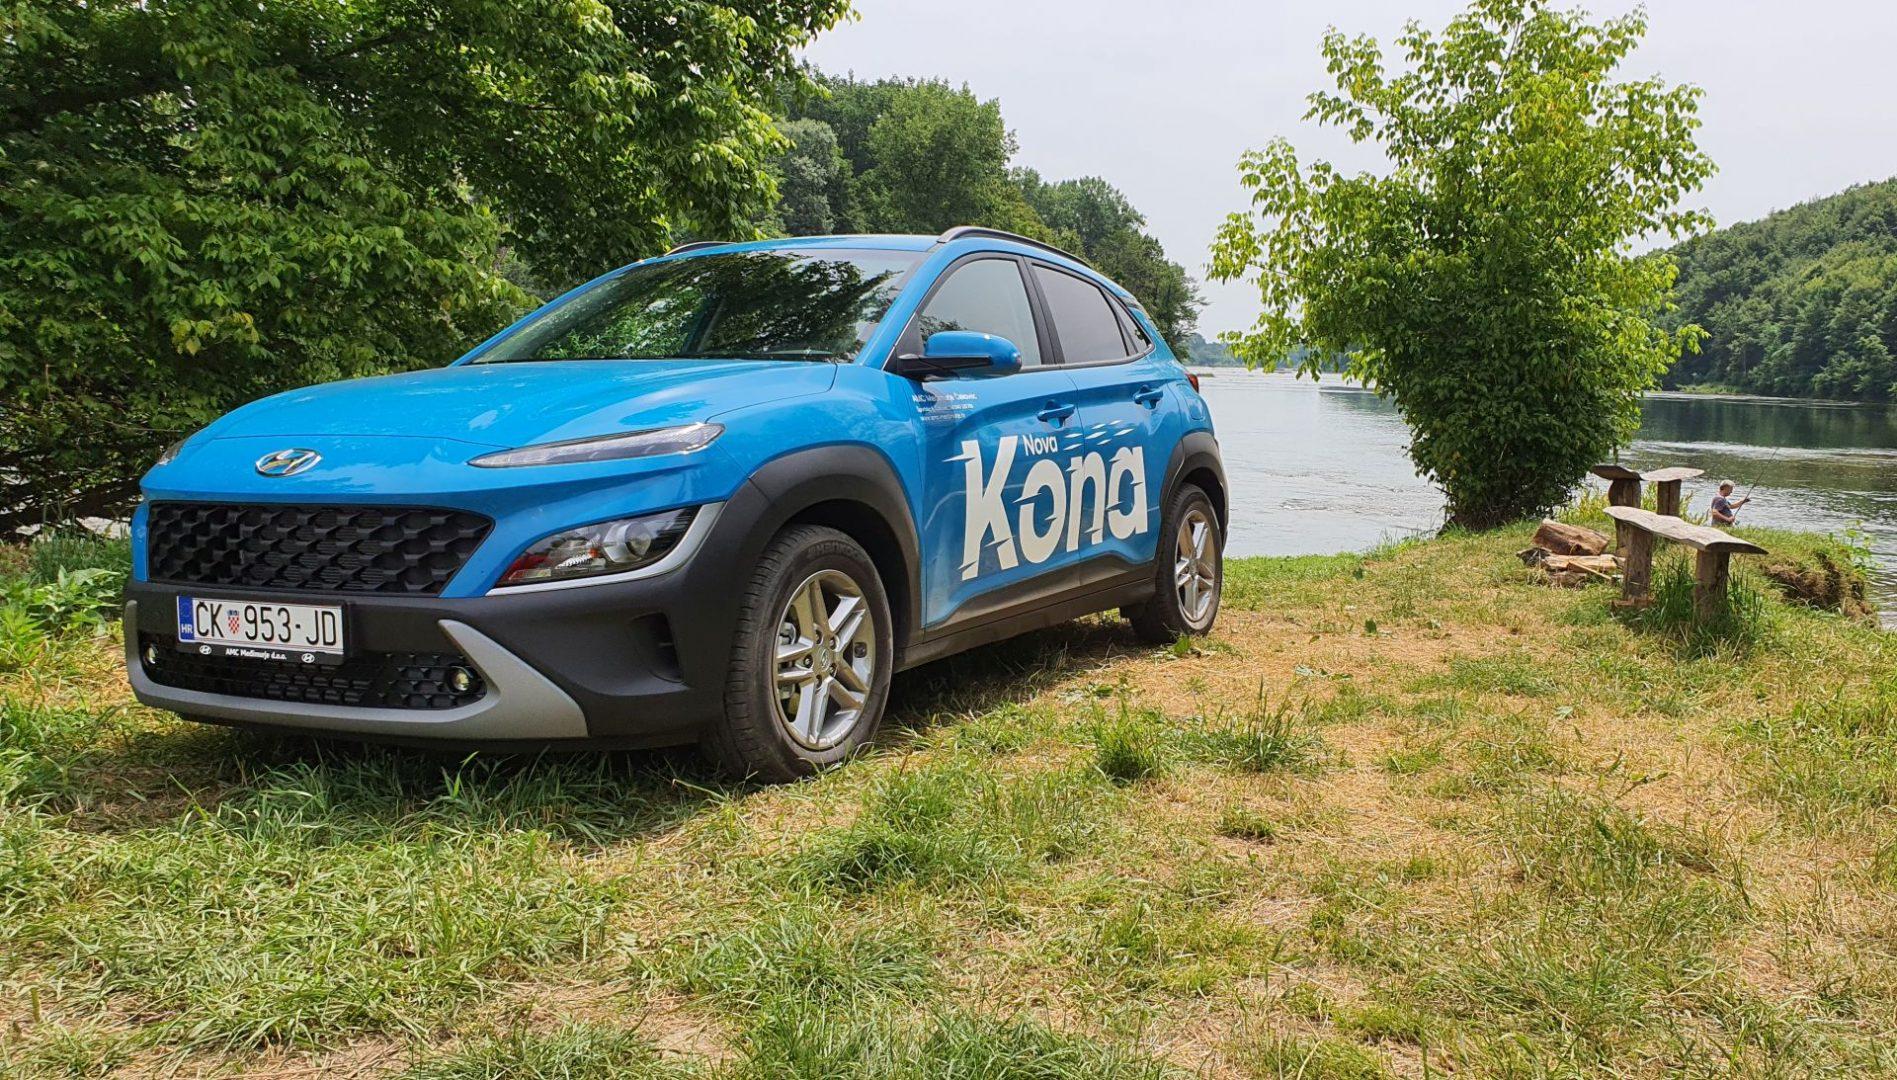 TEST: Hyundai Kona 1.0 T-GDI DESIREit – Jedinstveni gradski SUV sad je još dopadljiviji